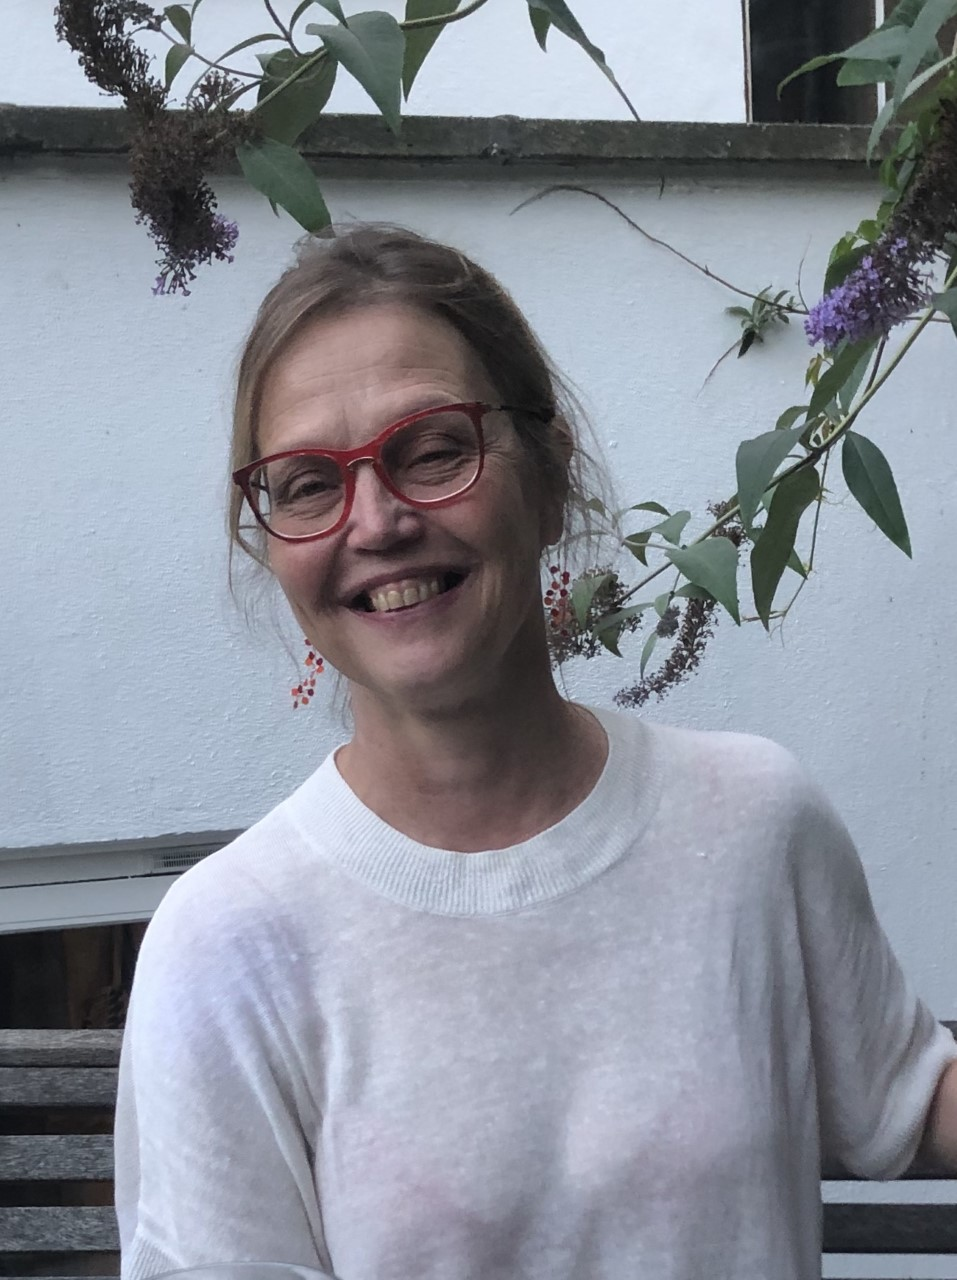 Henkilökuvan henkilö hymyilee kameraa päin